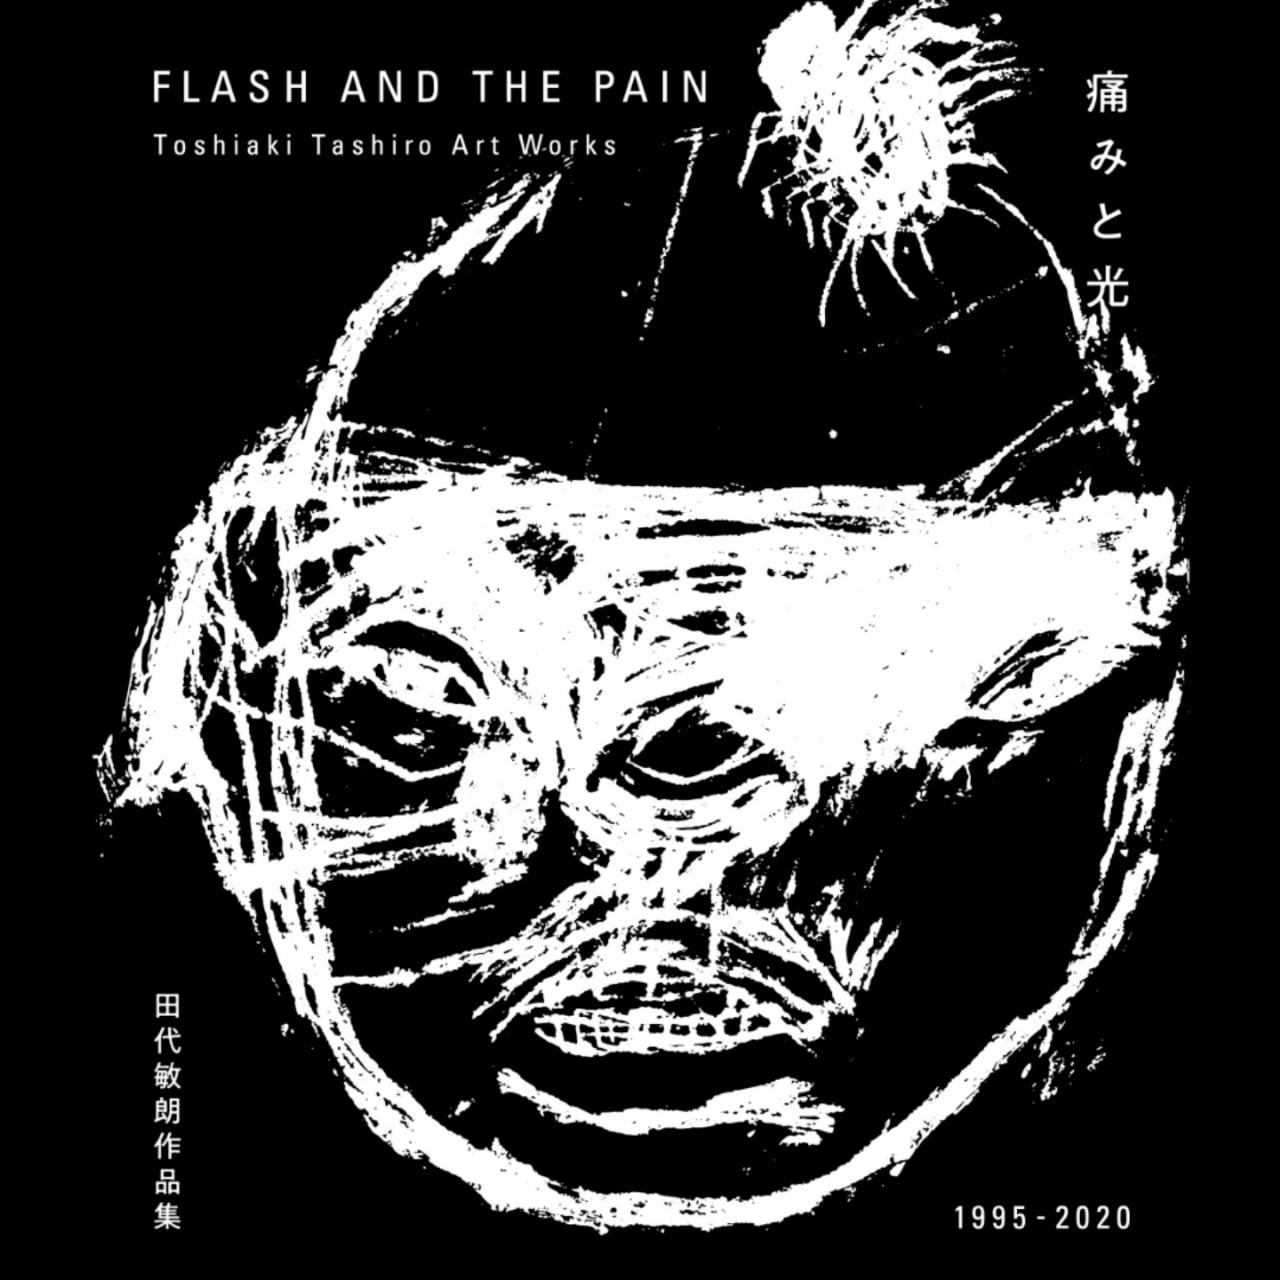 【先行予約商品】【作品集】【原画入り特別デラックスエディション版】Toshiaki Tashiro Art Works 1995-2020 痛みと光